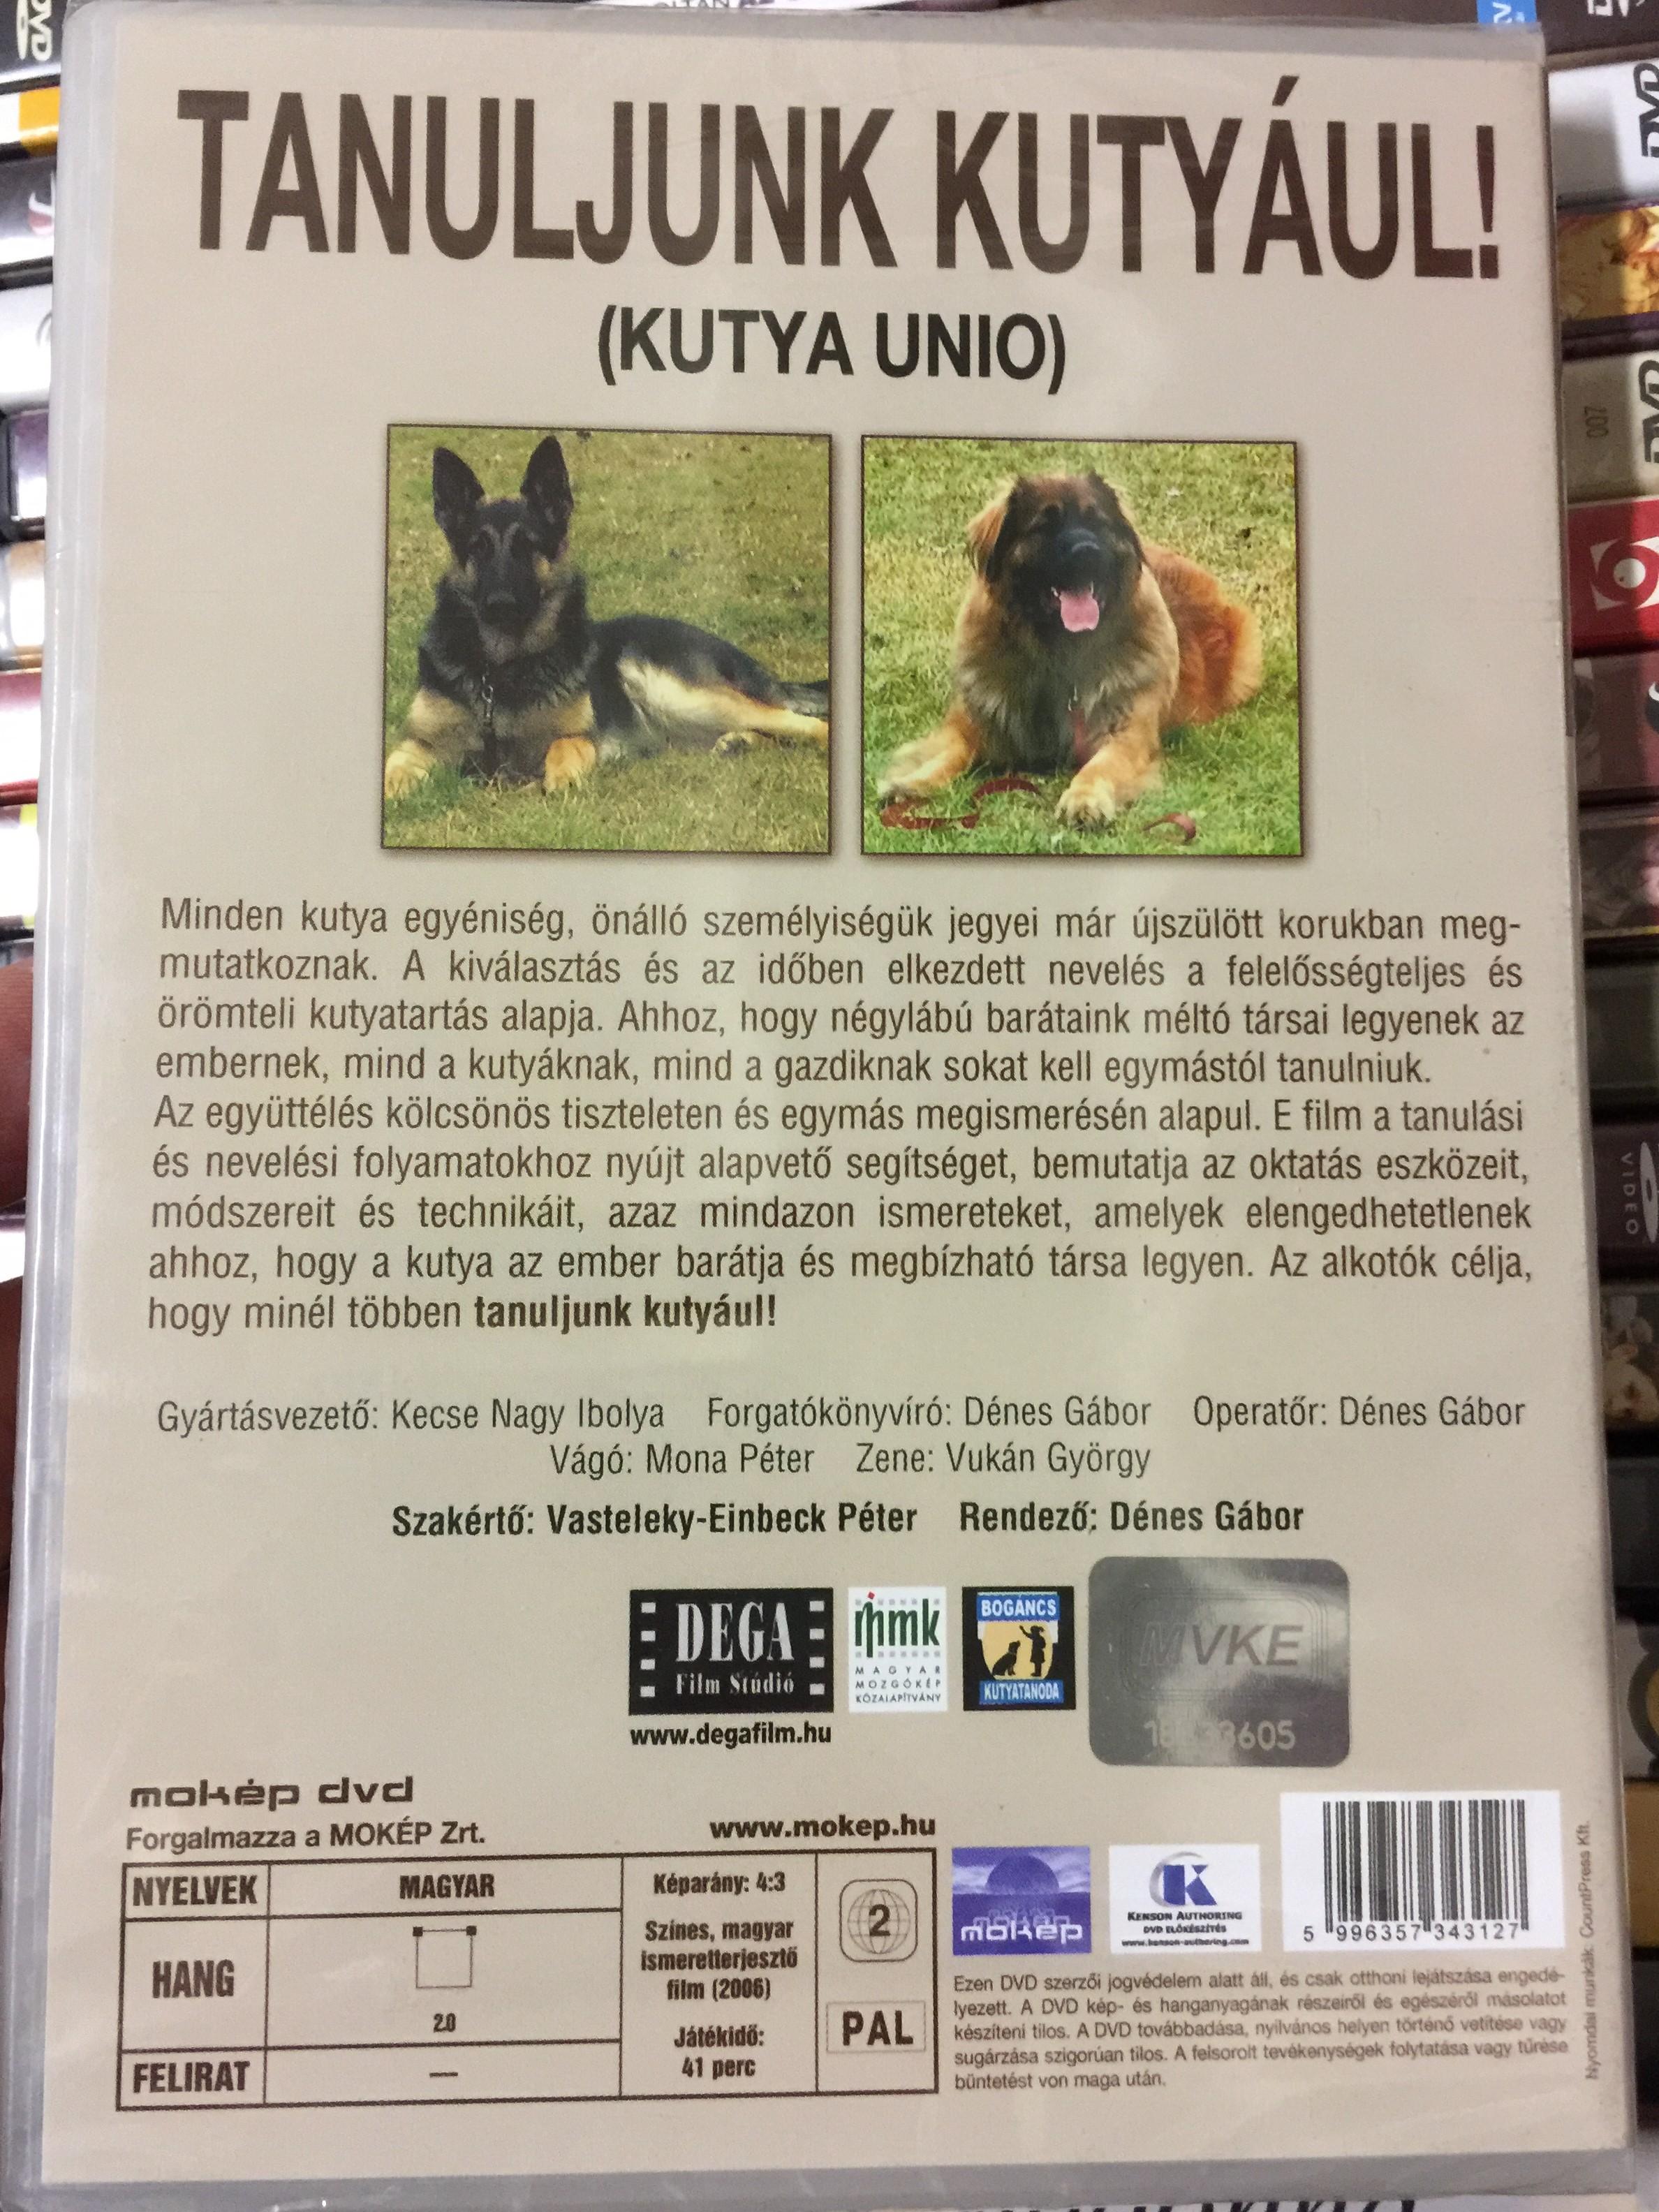 tanuljunk-kuty-ul-dvd-2006-kutya-unio-learn-dog-language-2.jpg